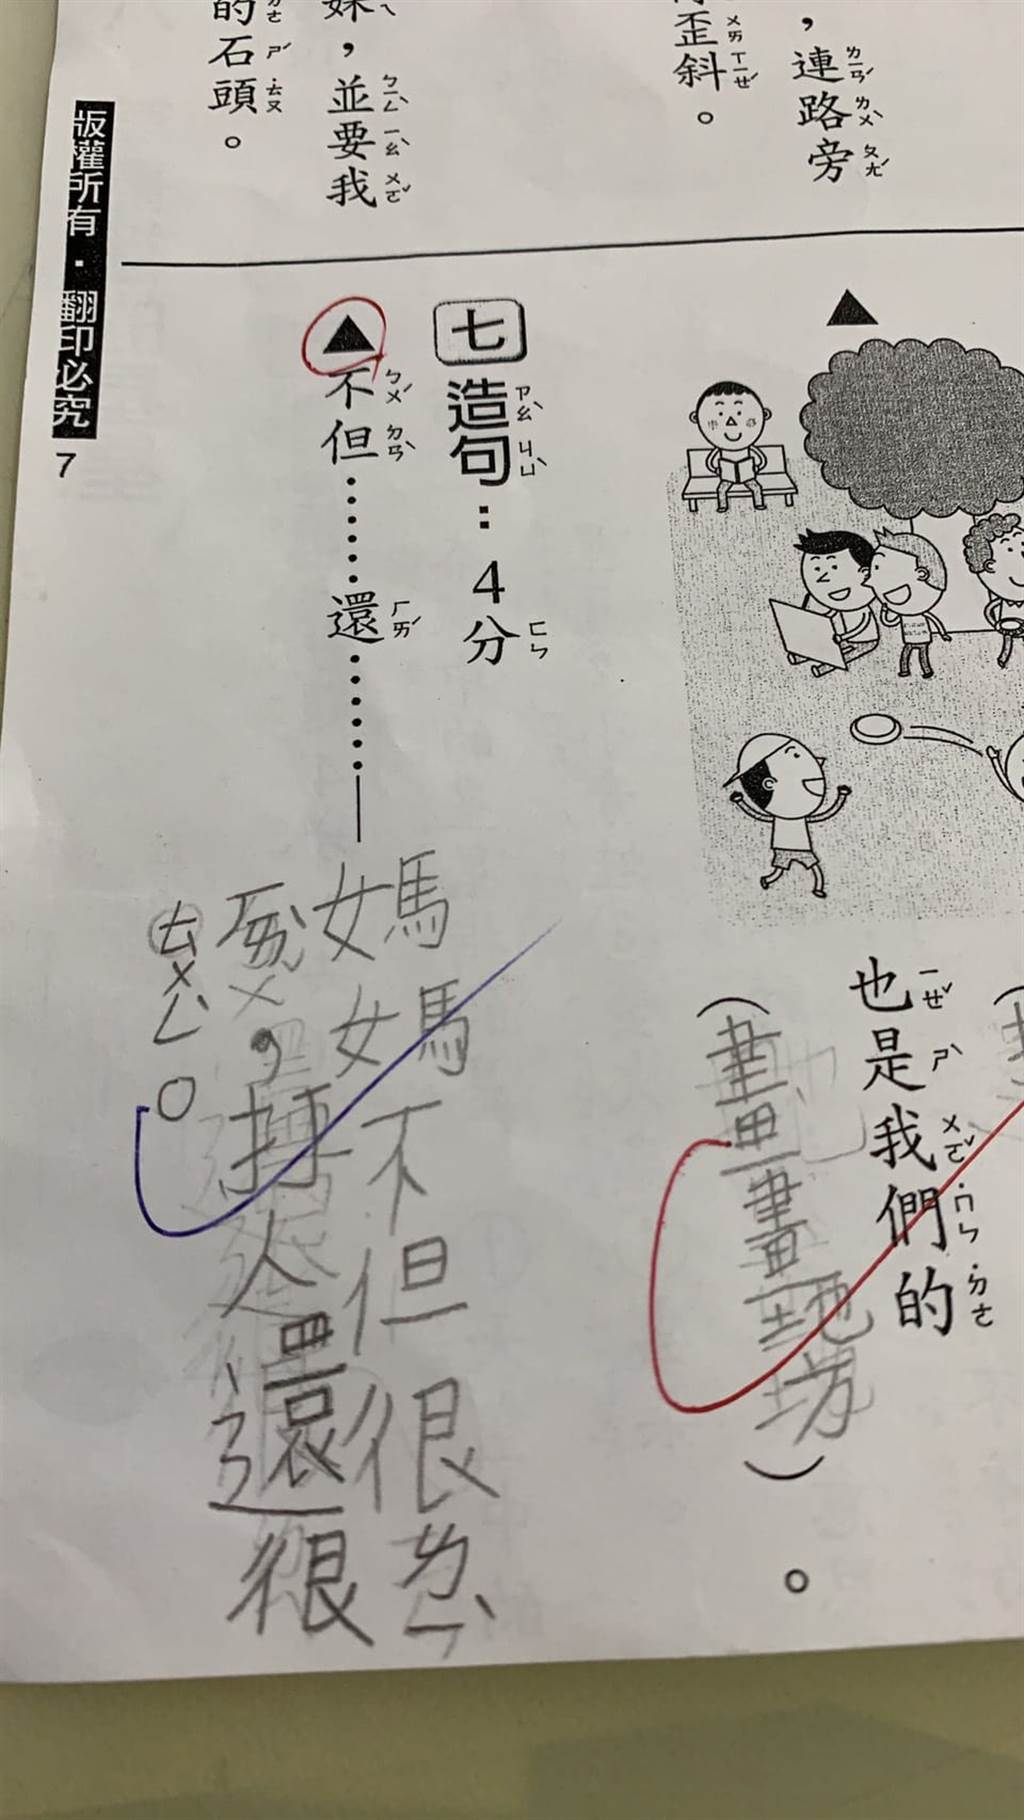 女兒在造句題目中,寫下「媽媽不但很厲害,打人還很痛」,老師竟然還打勾給過,讓媽媽哭笑不得。(圖/爆怨2公社)